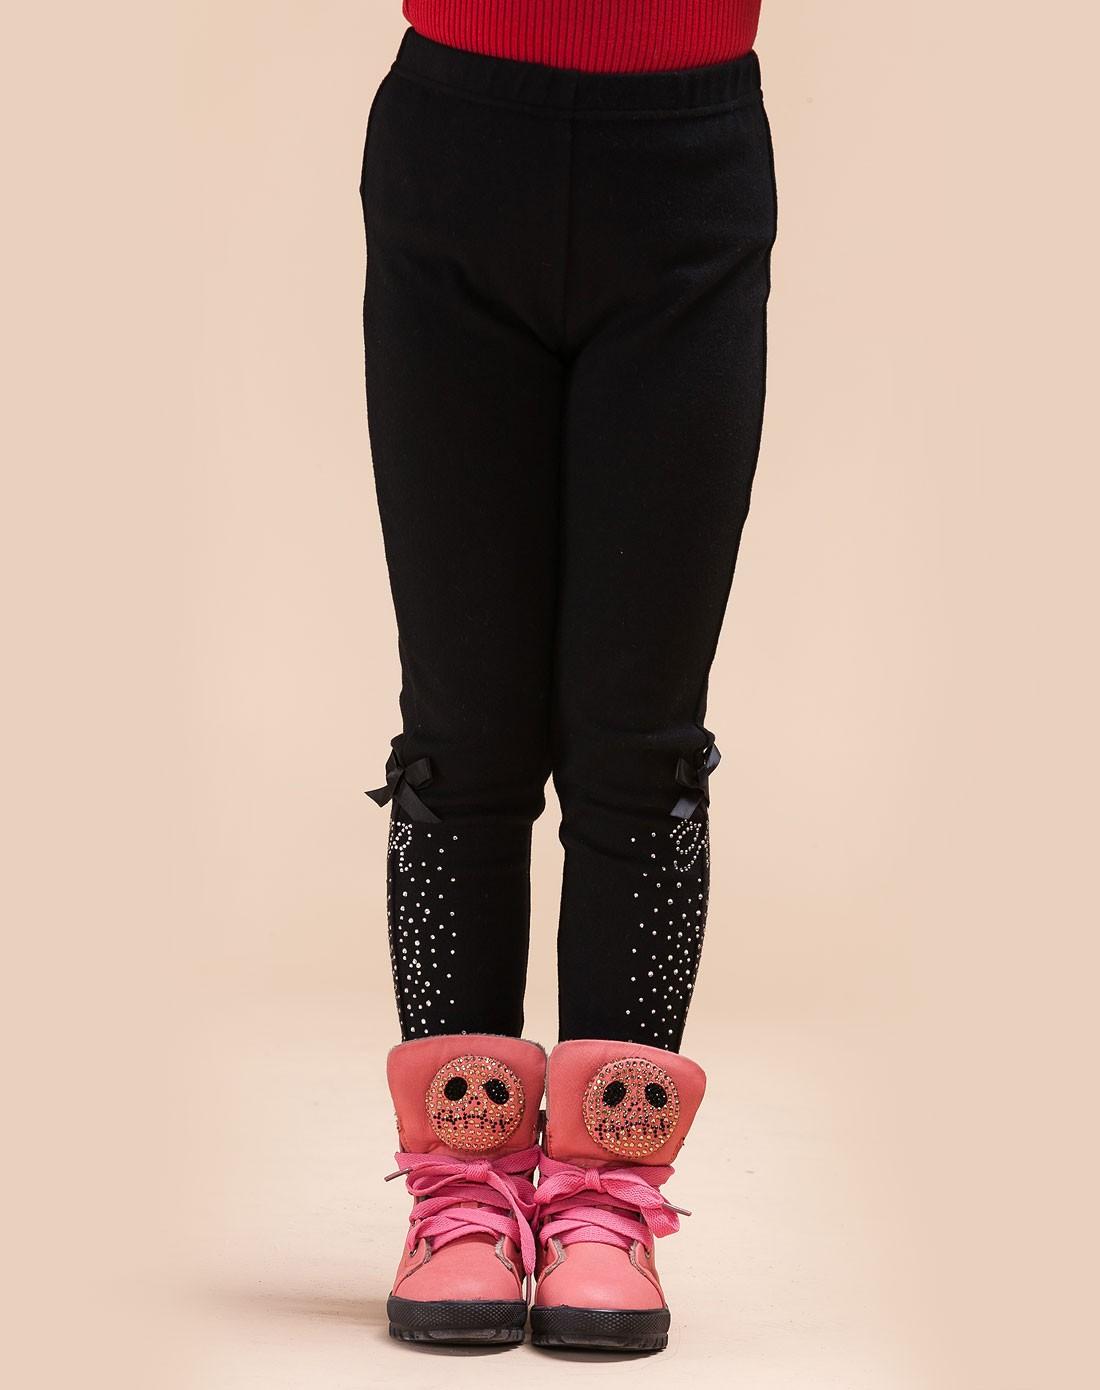 红蜻蜓kids童装童鞋专场女童黑色裤子522y33s697001